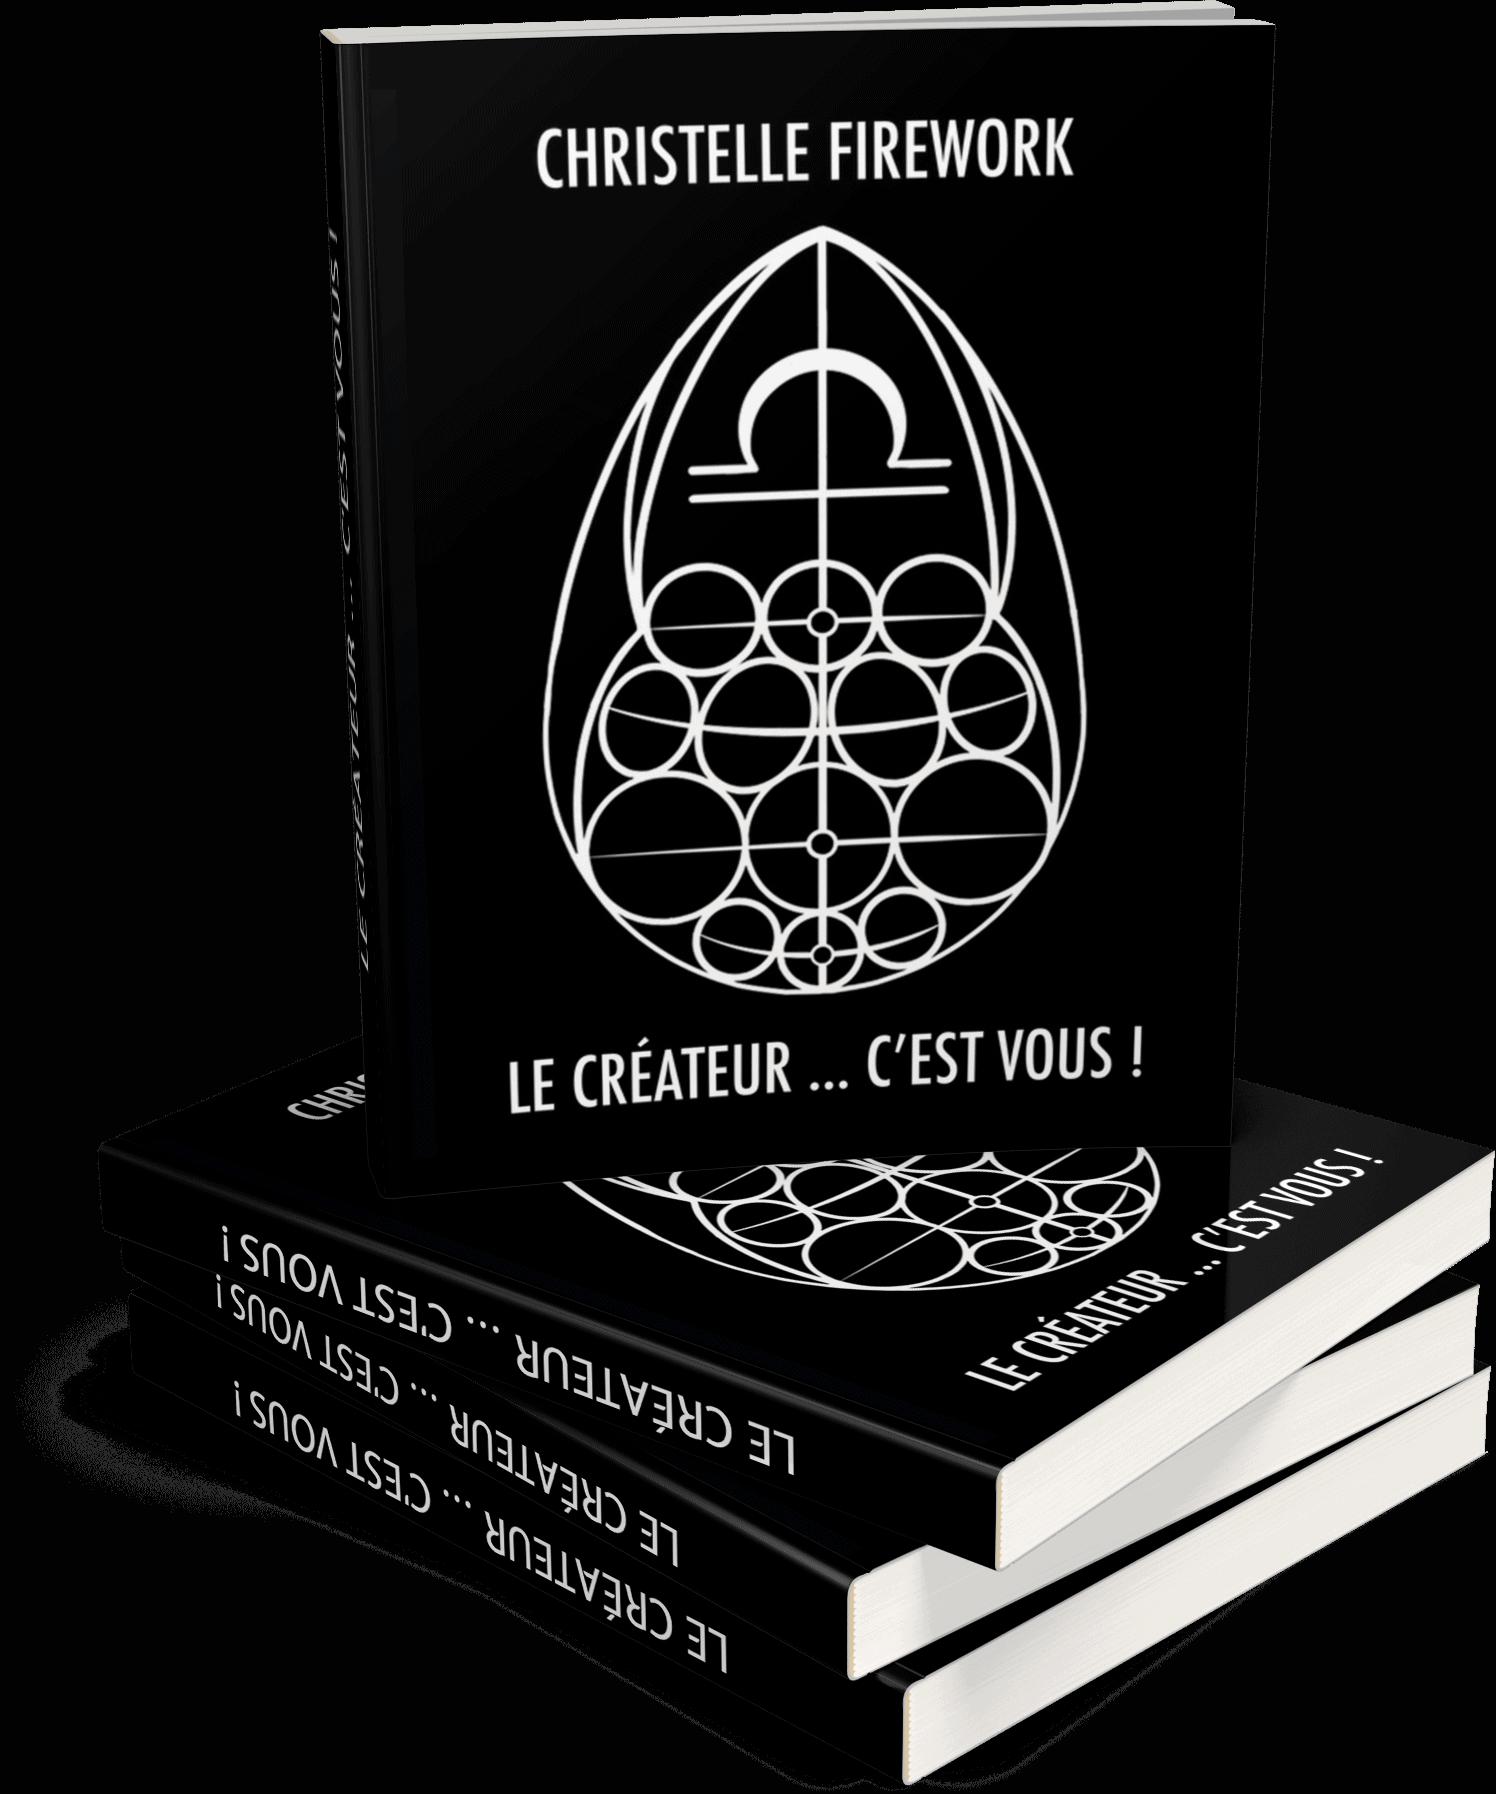 Le Créateur... C'est Vous! | Livre Broché | christelle firework